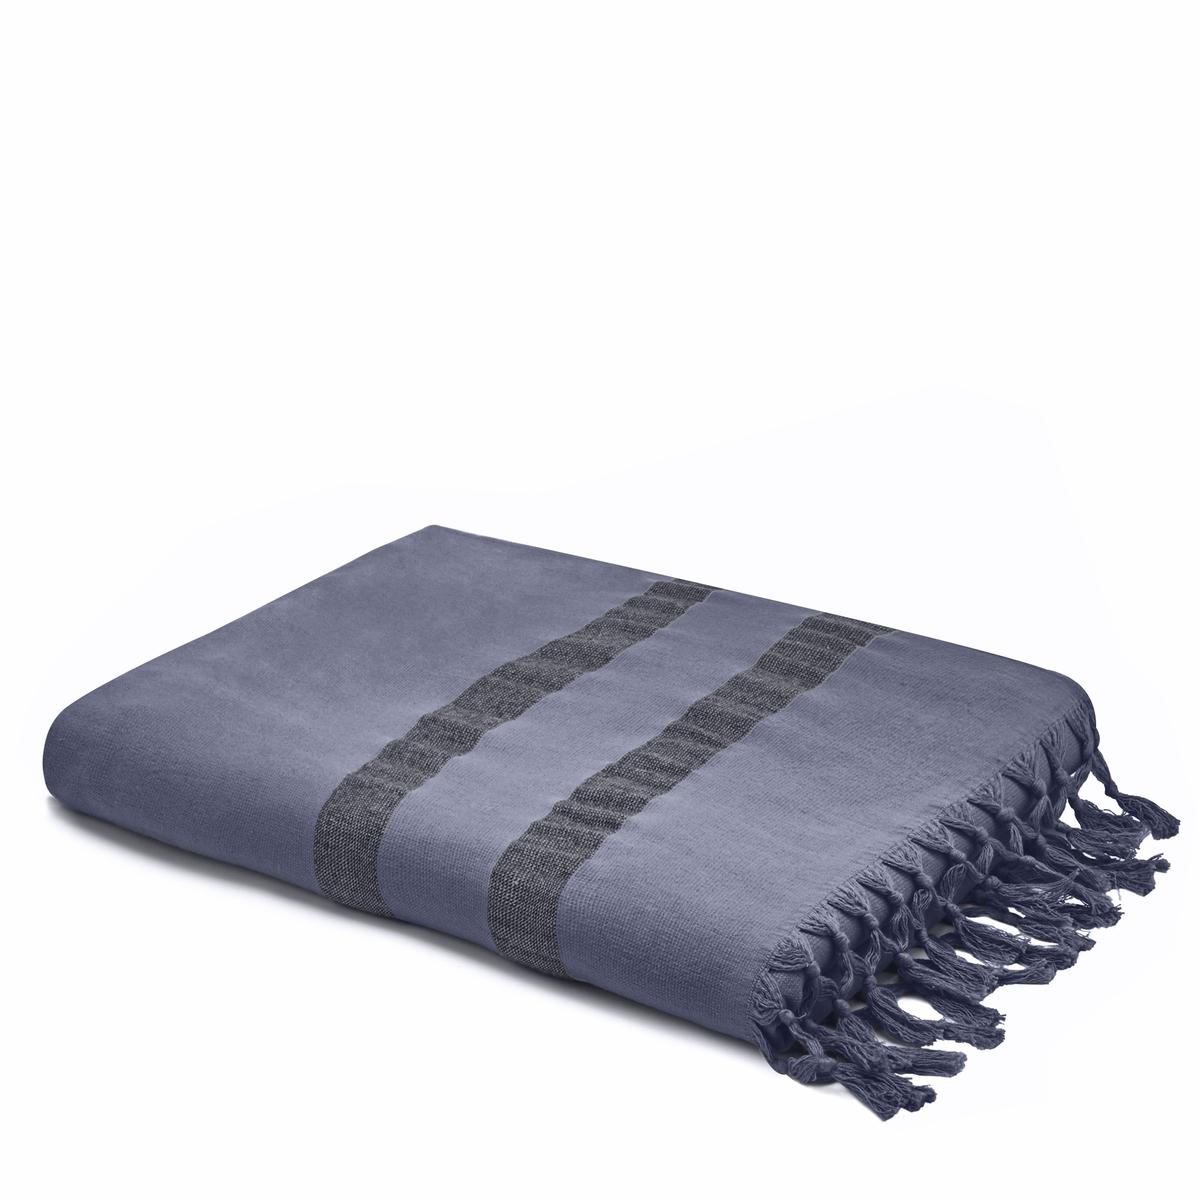 Полотенце La Redoute Махровое ANTALYA 50 x 100 см синий полотенце proffi home классик цвет шоколадный 50 x 100 см